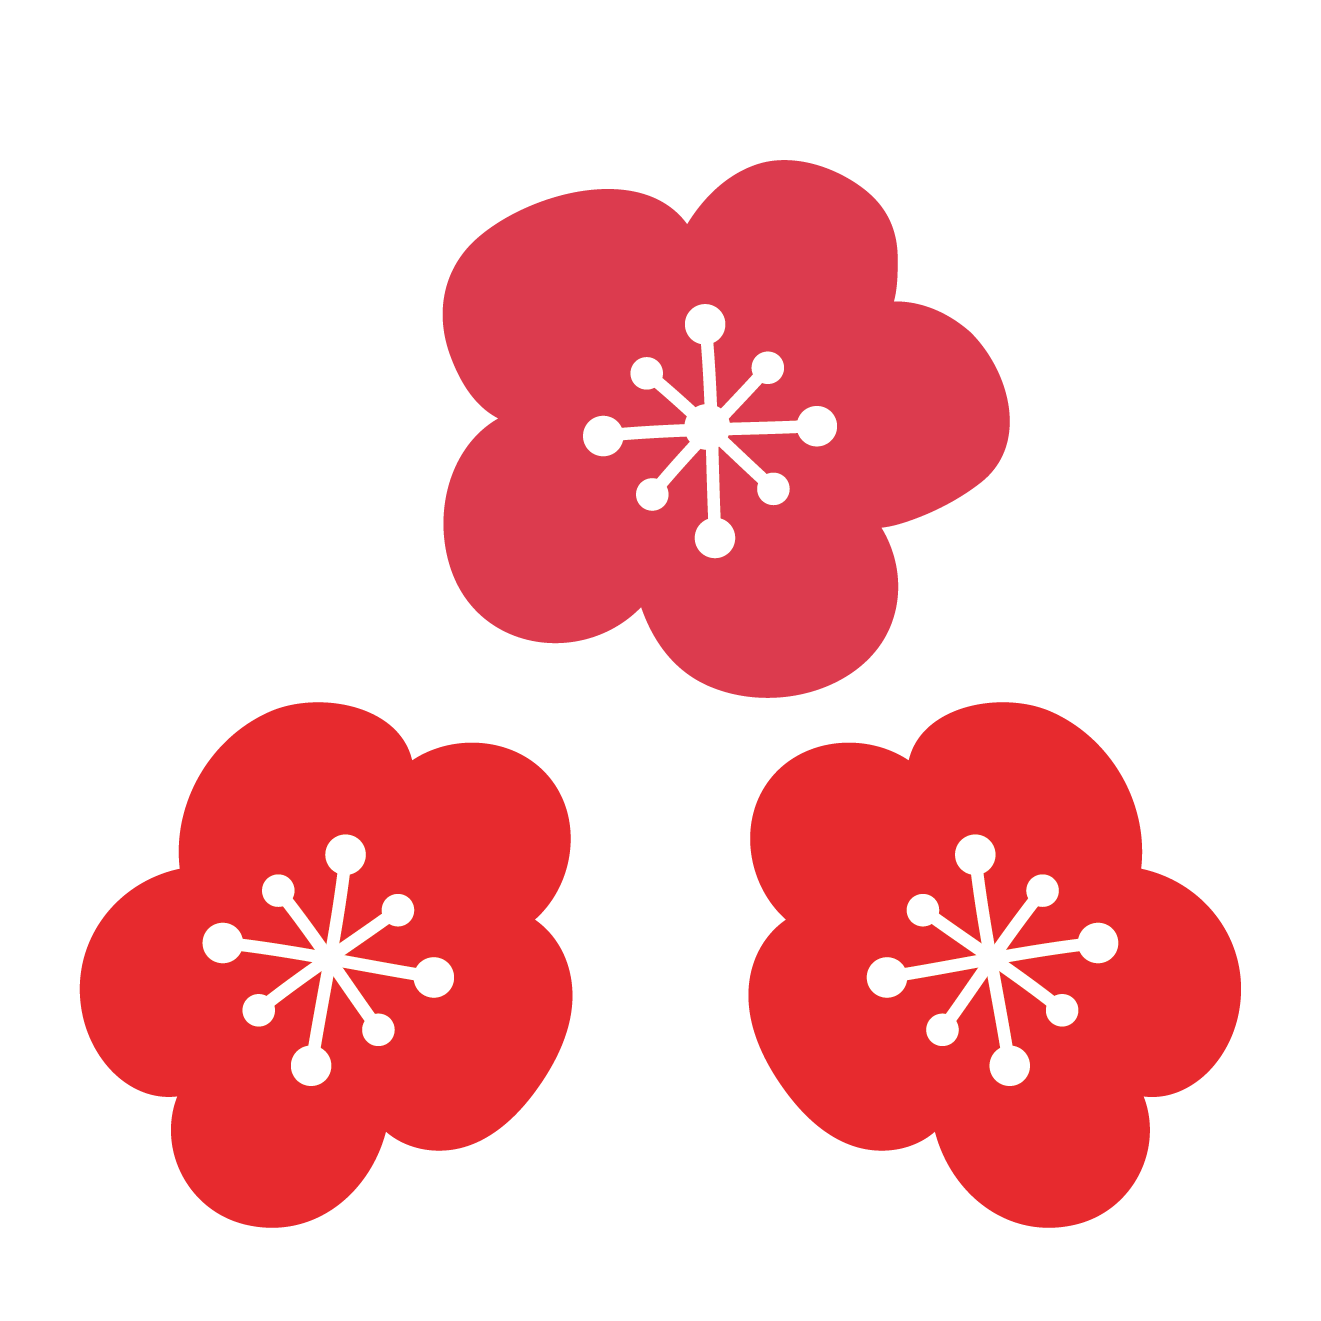 梅(うめ・ウメ)の花のイラスト【年賀状のワンポイントに!】 | 商用